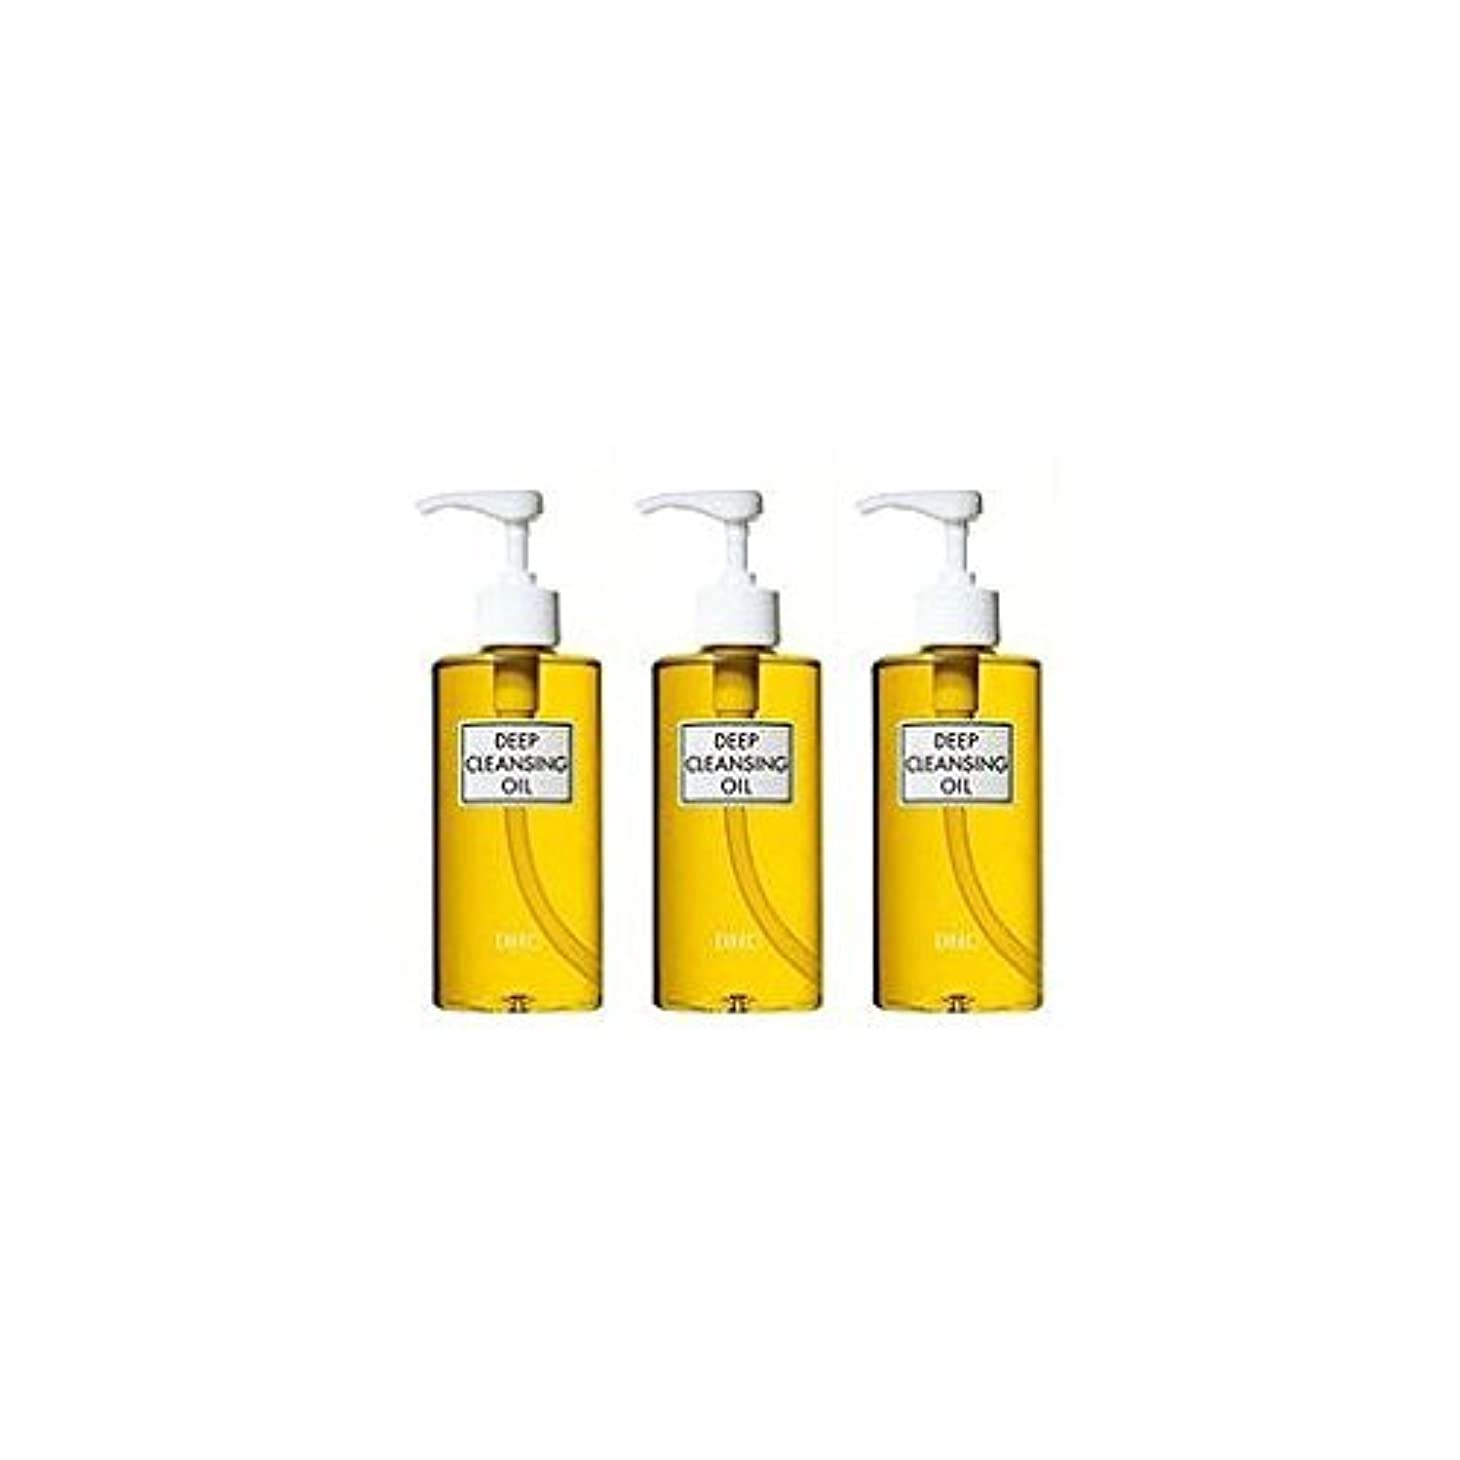 カウボーイ眠る勇気のあるDHC薬用ディープクレンジングオイル(L)3本セット